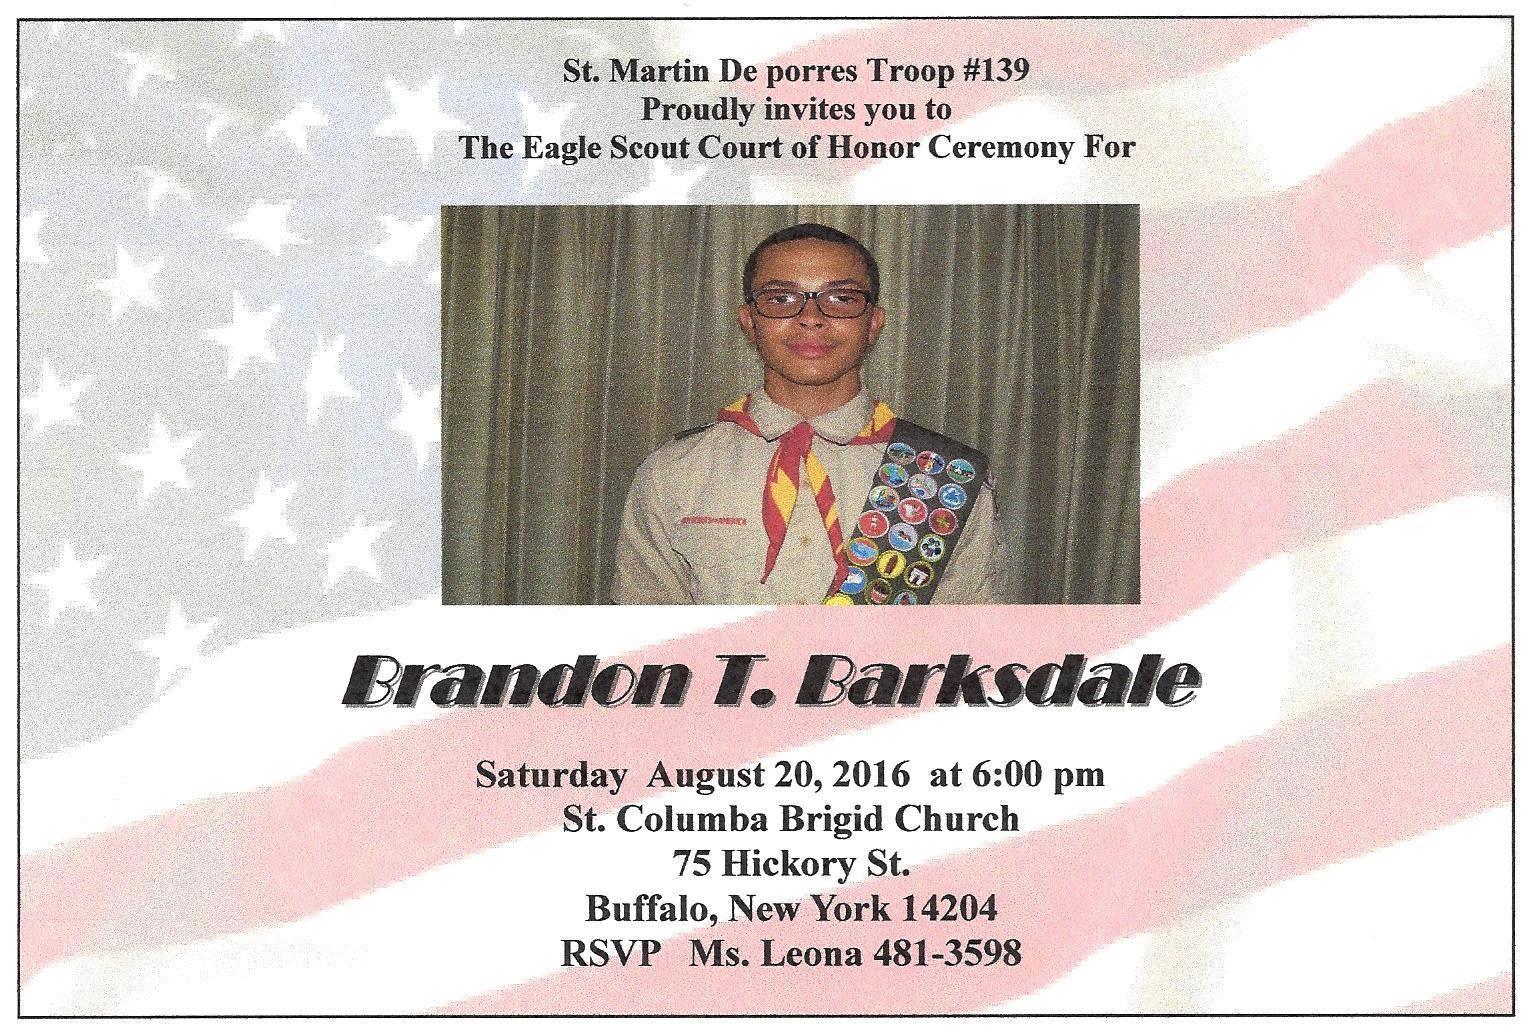 Matt The Scout Boy Credits Version 2: East Side Boy Scout Scores Prestigious Eagle Scout Status